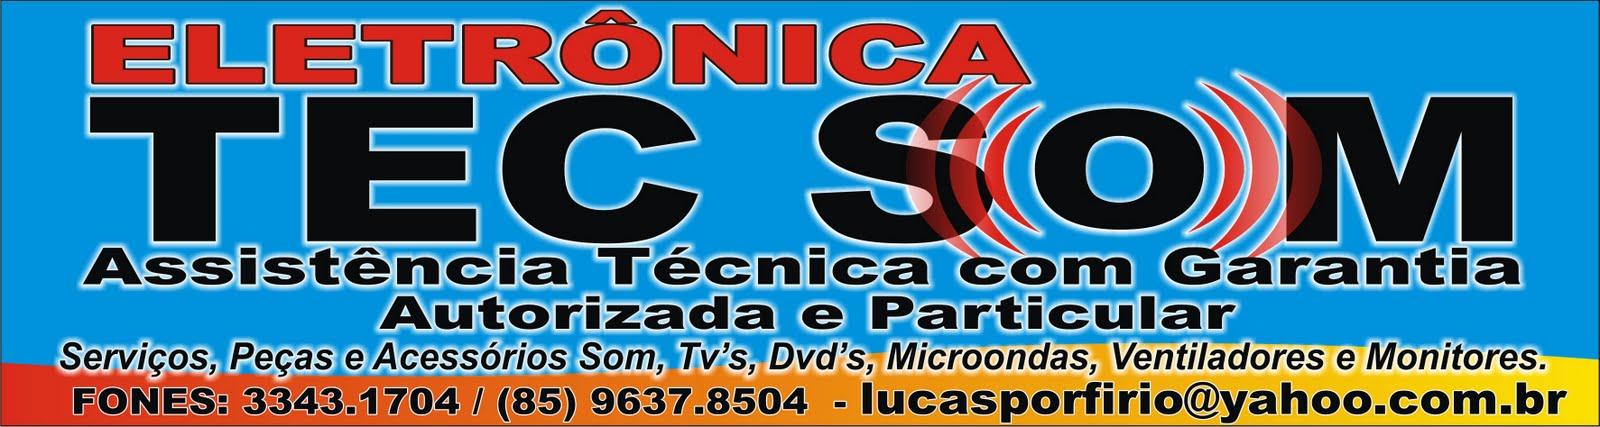 ASSISTENCIA TECNICA